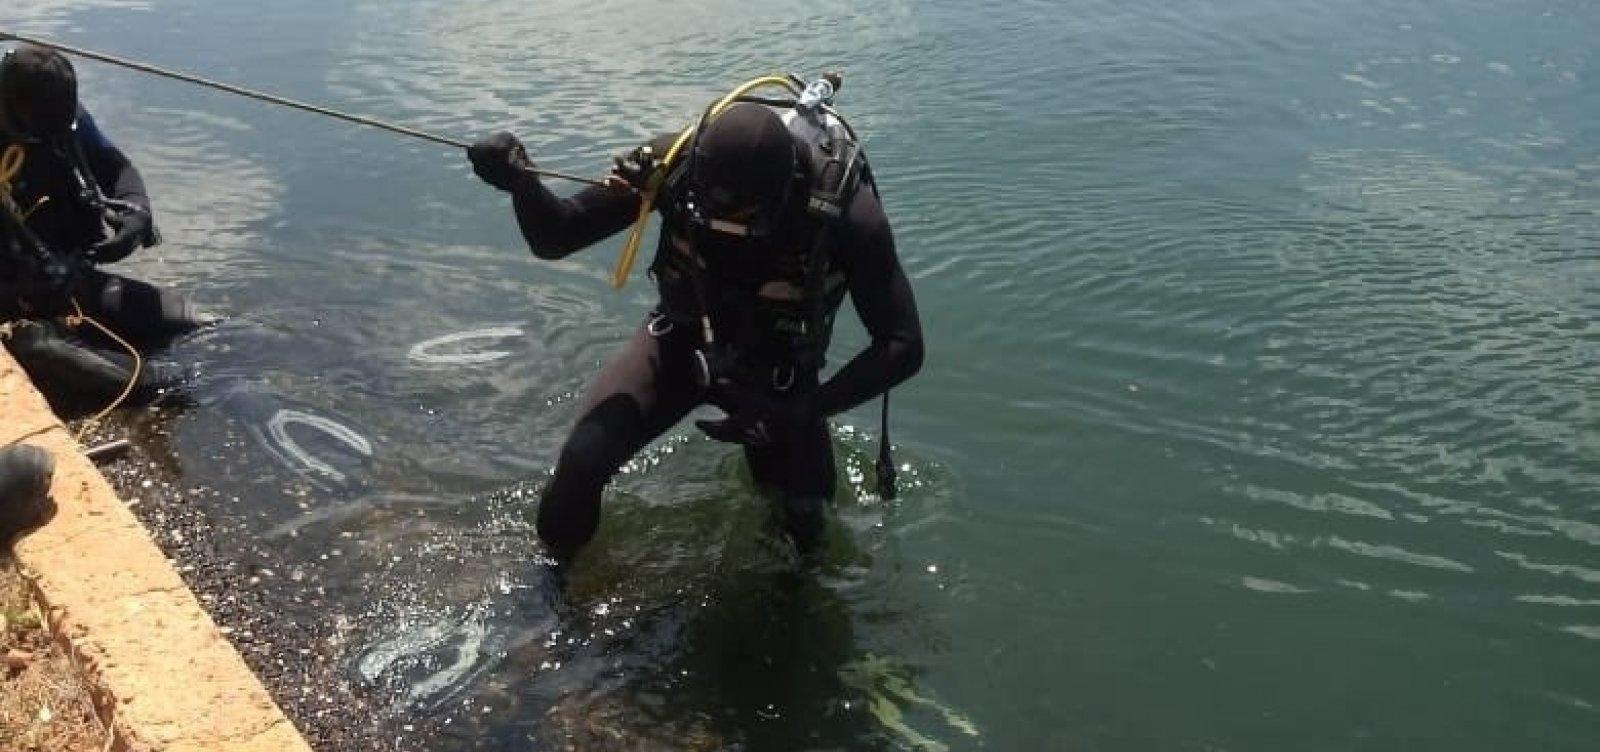 [Bombeiros resgatam dois corpos dentro de carro submerso em Juazeiro]